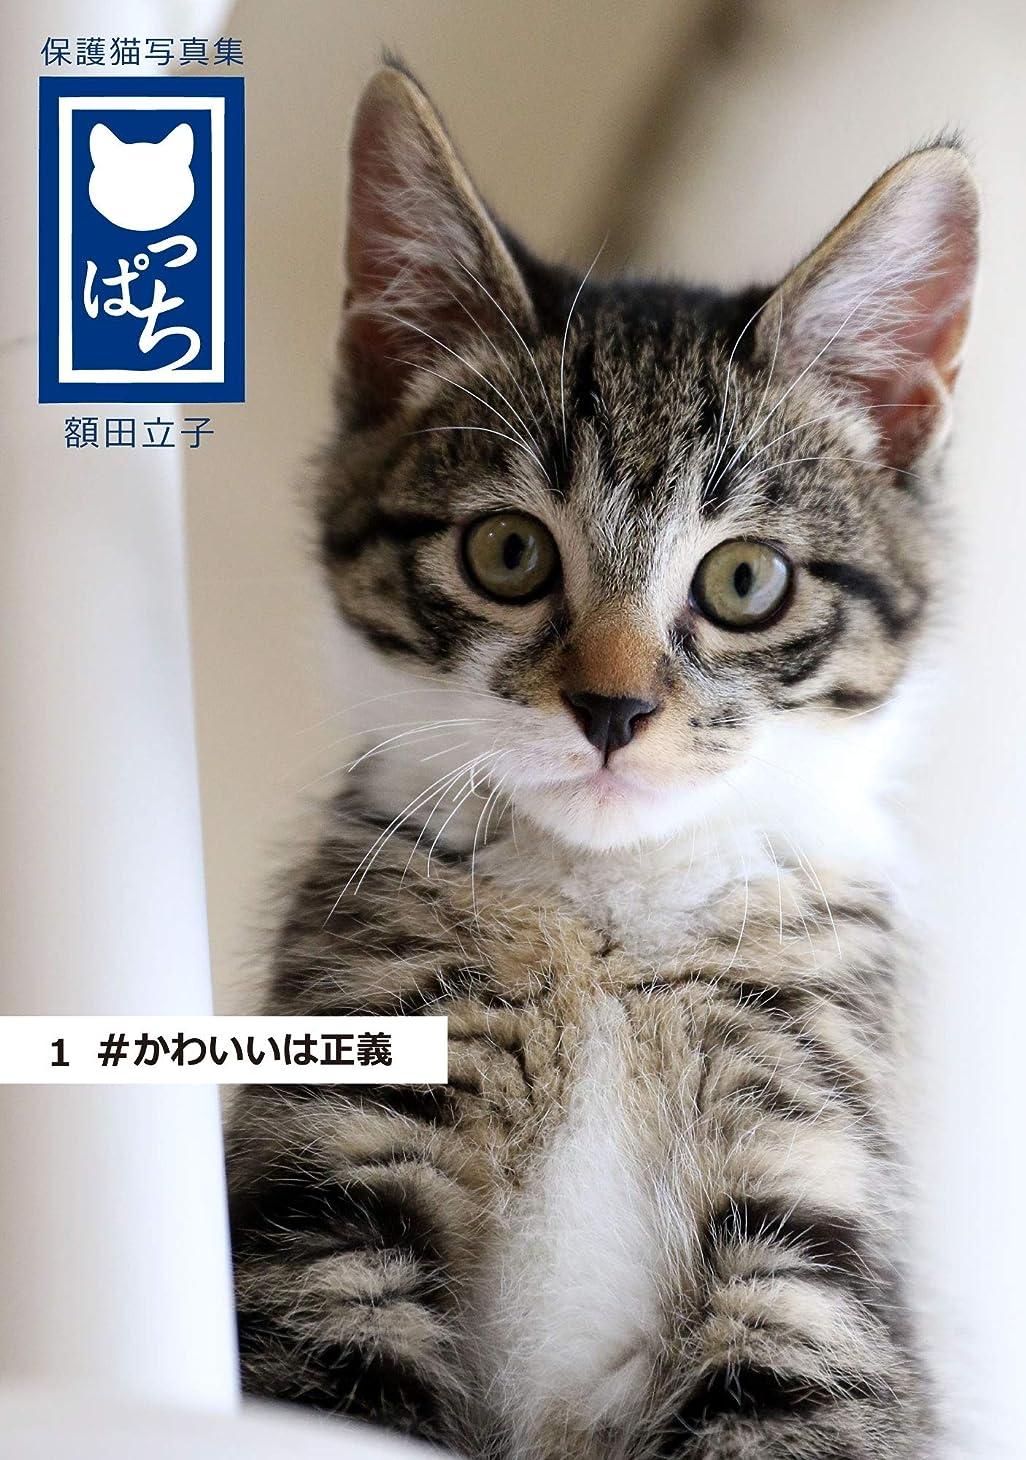 手書き比率スラッシュ保護猫写真集 ねこっぱち! (1) #かわいいは正義